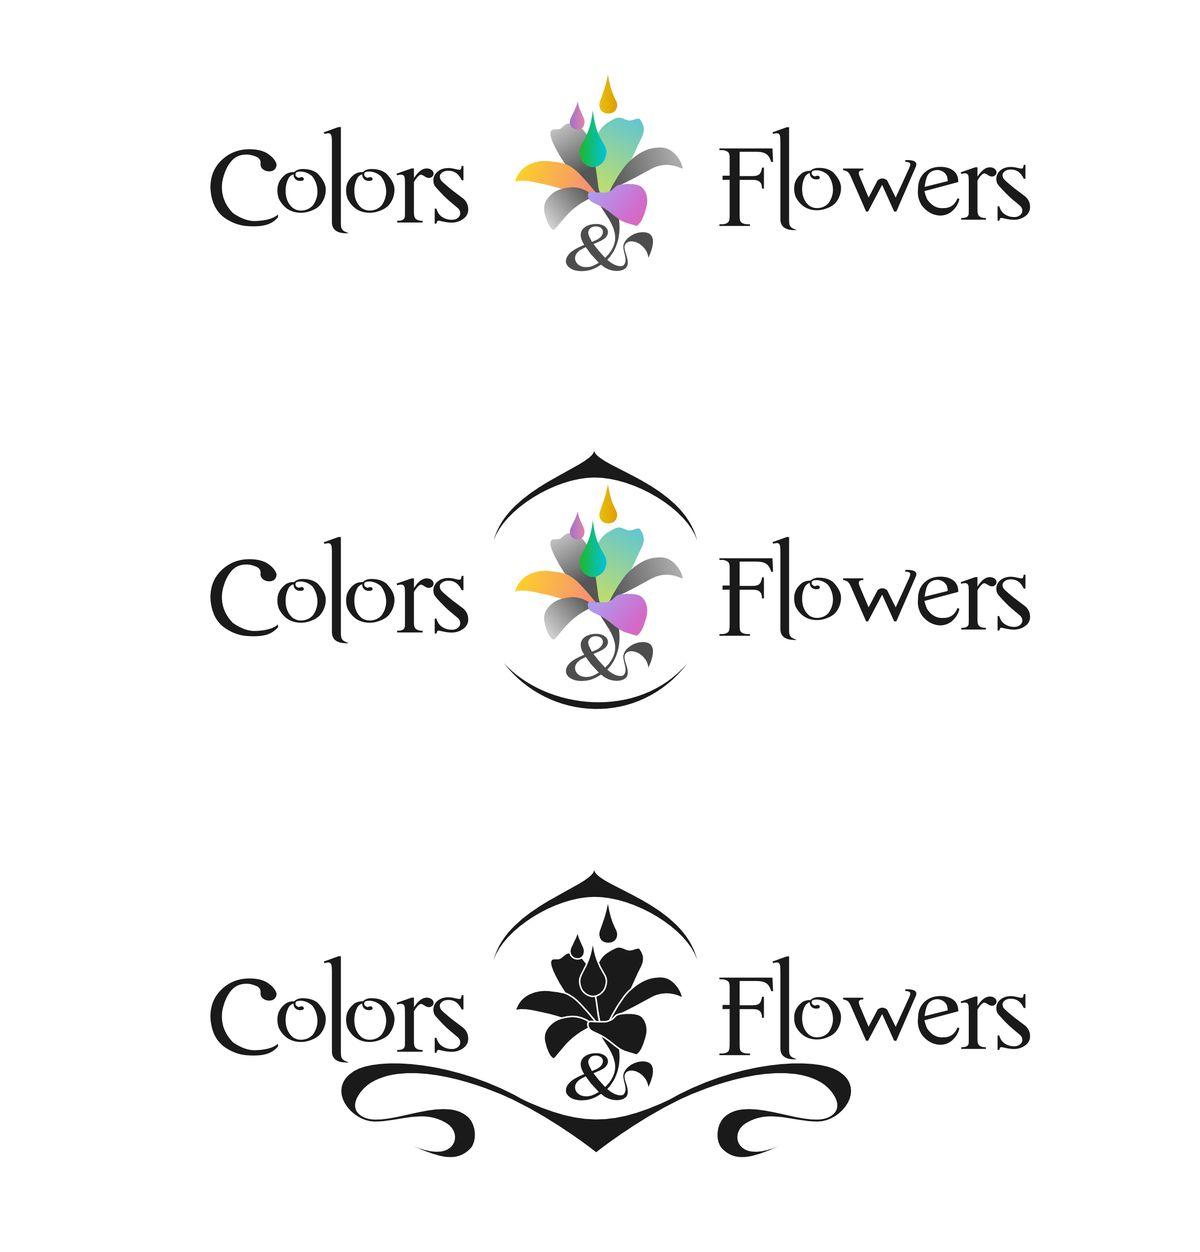 Colors & Flowers Логотип и фирменный стиль - дизайнер virtjob